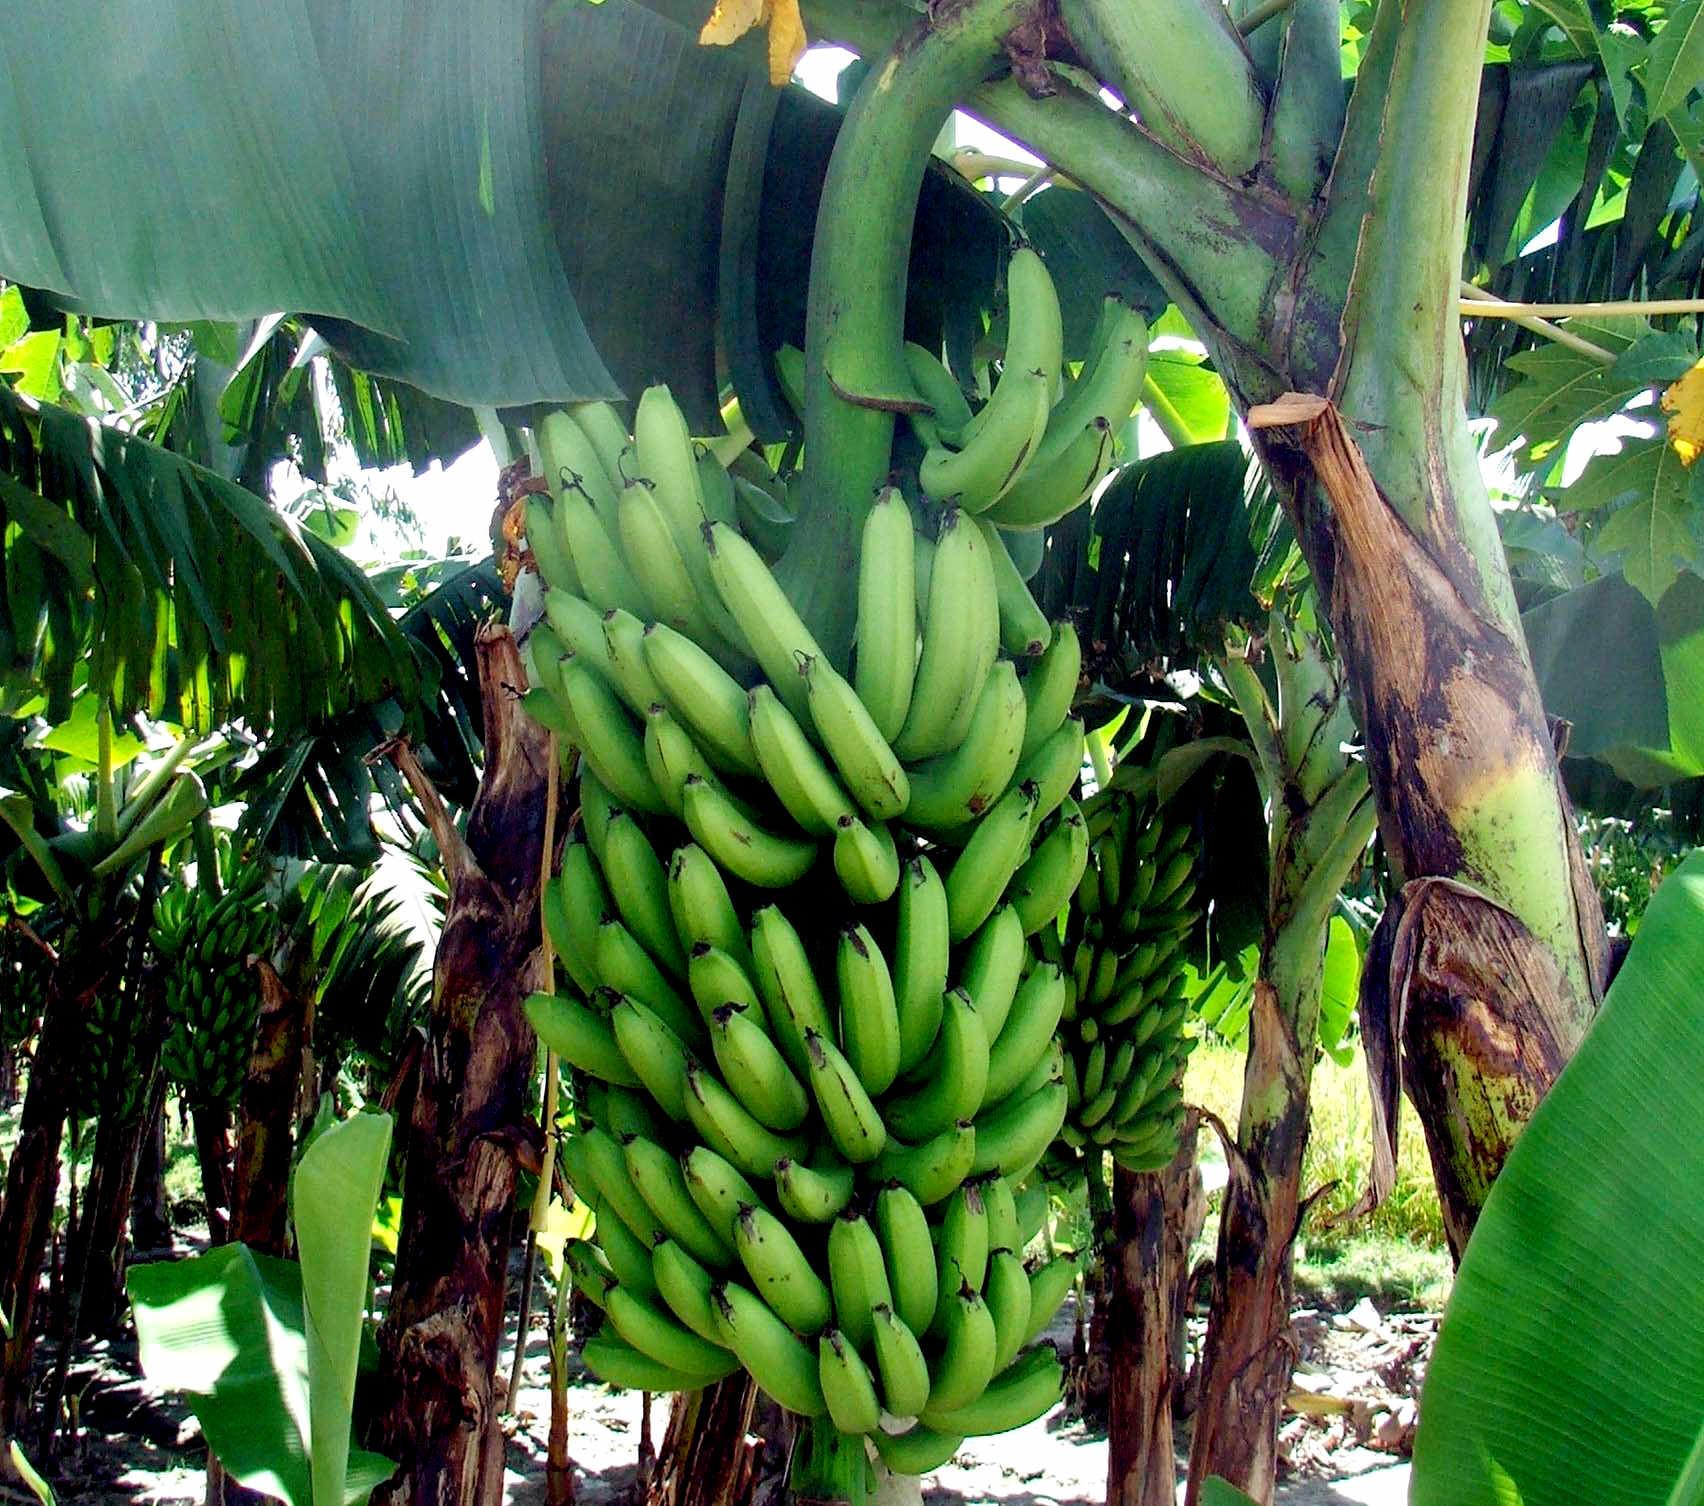 Как вырастить банан в домашних условиях. Самый банановый банан.